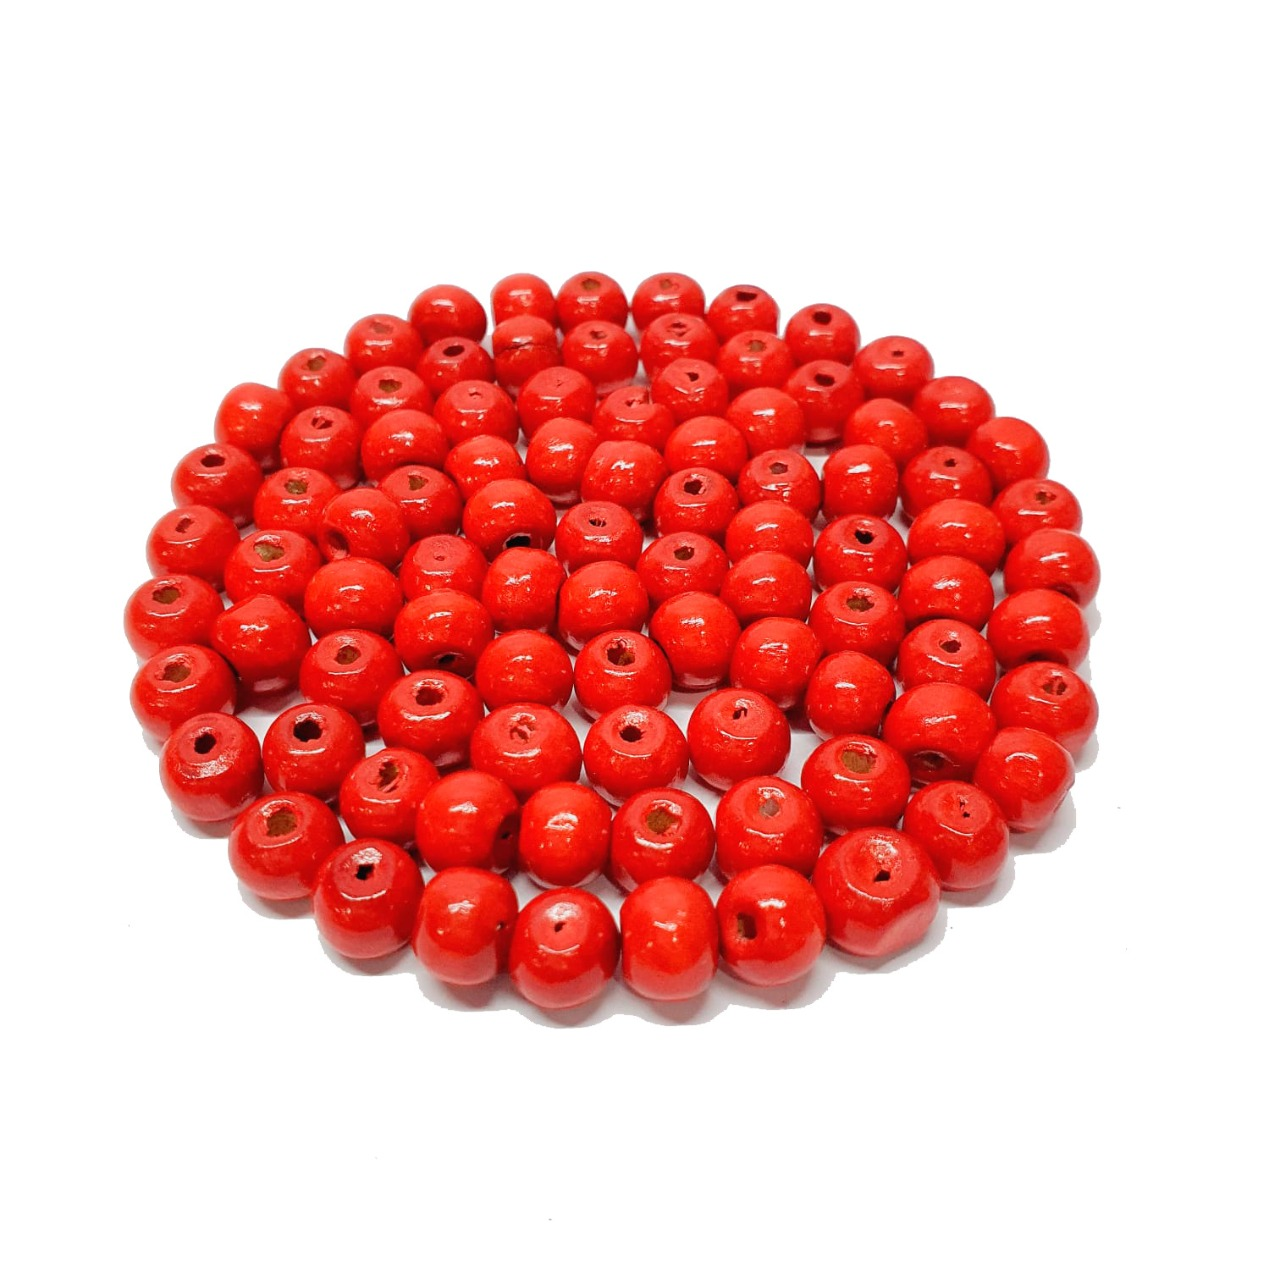 Bola de Madeira Vermelha